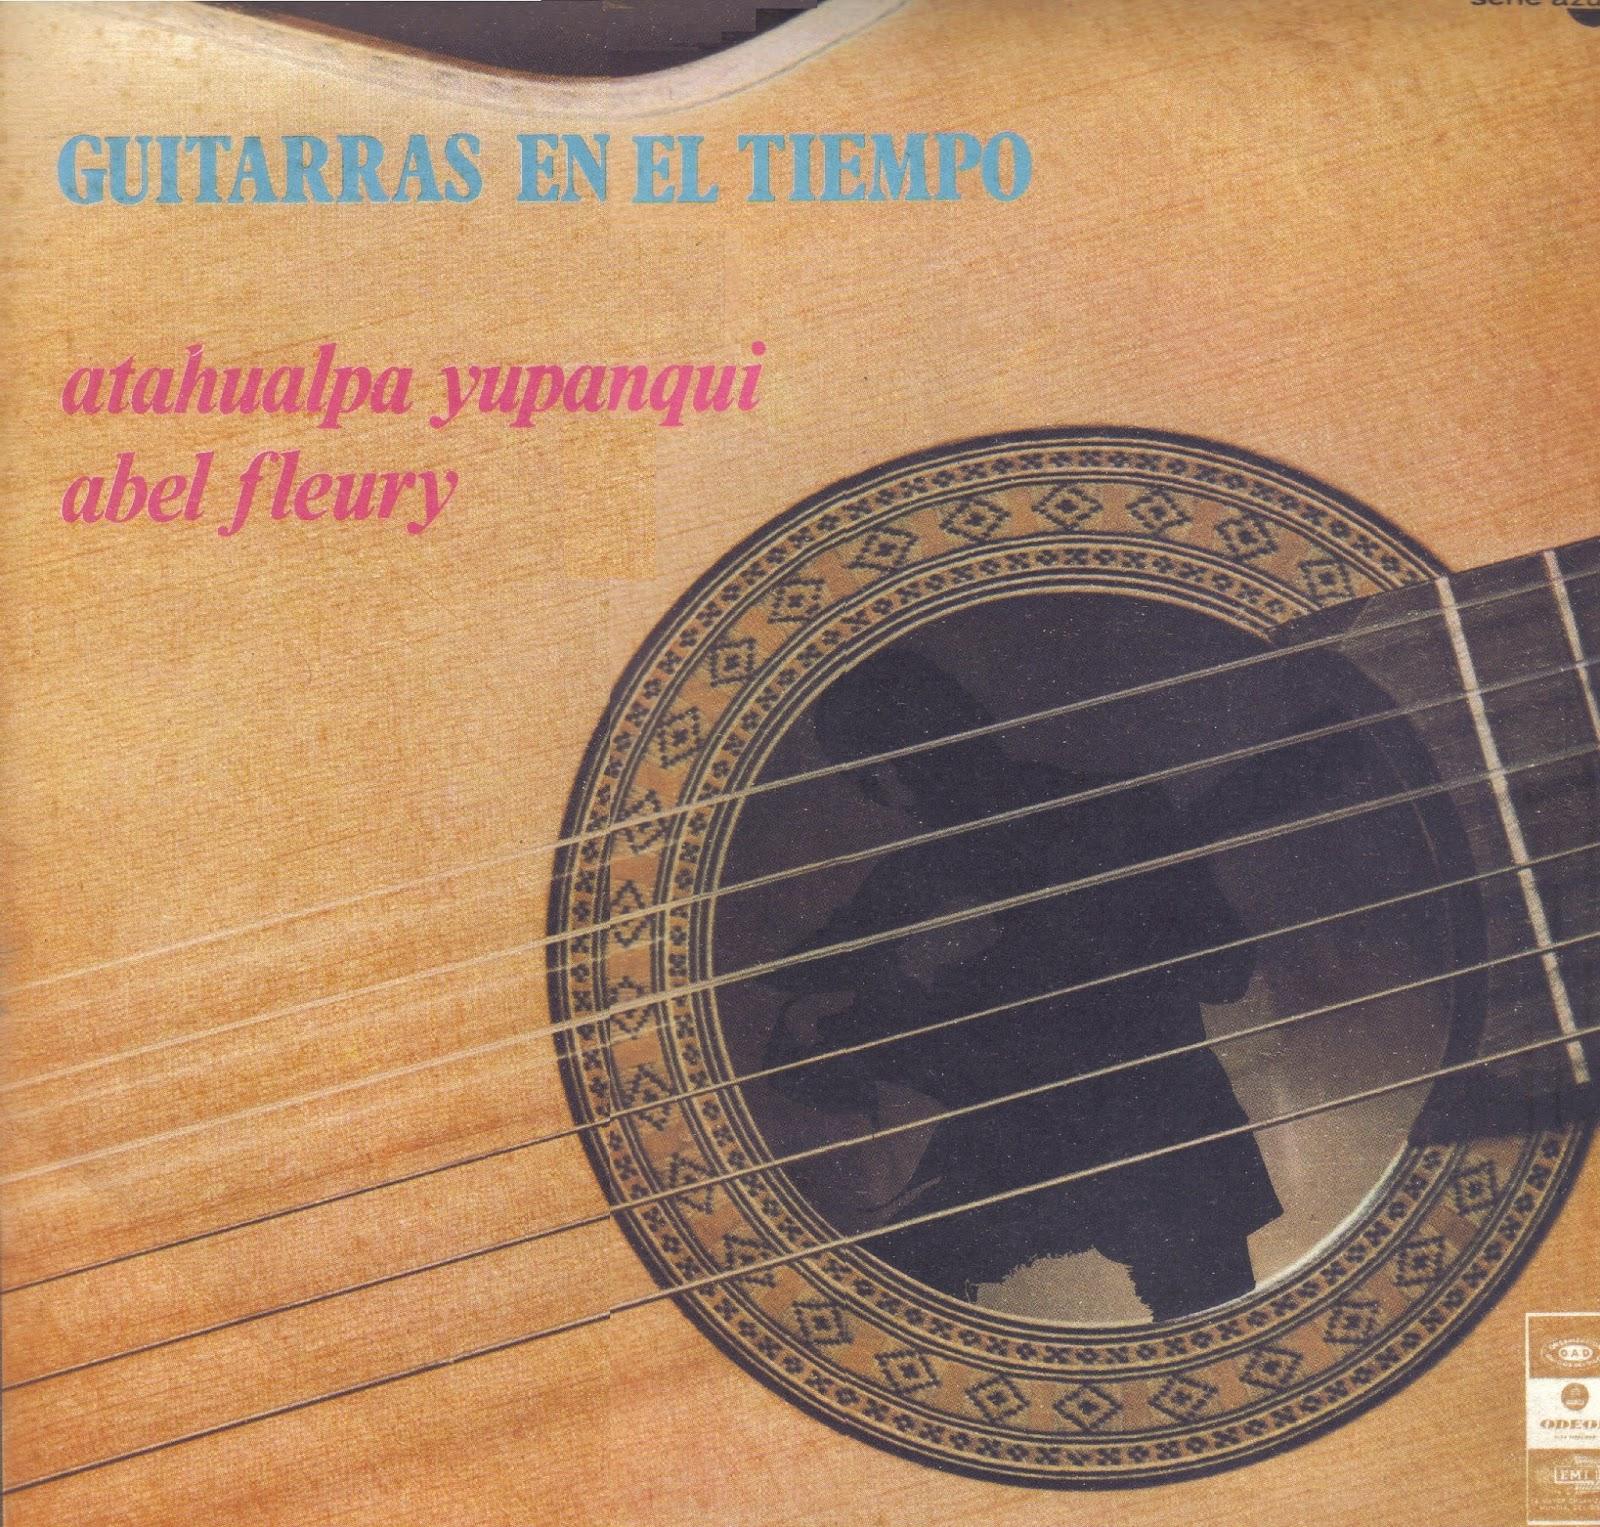 yupanqui fleury guitarras en el tiempo